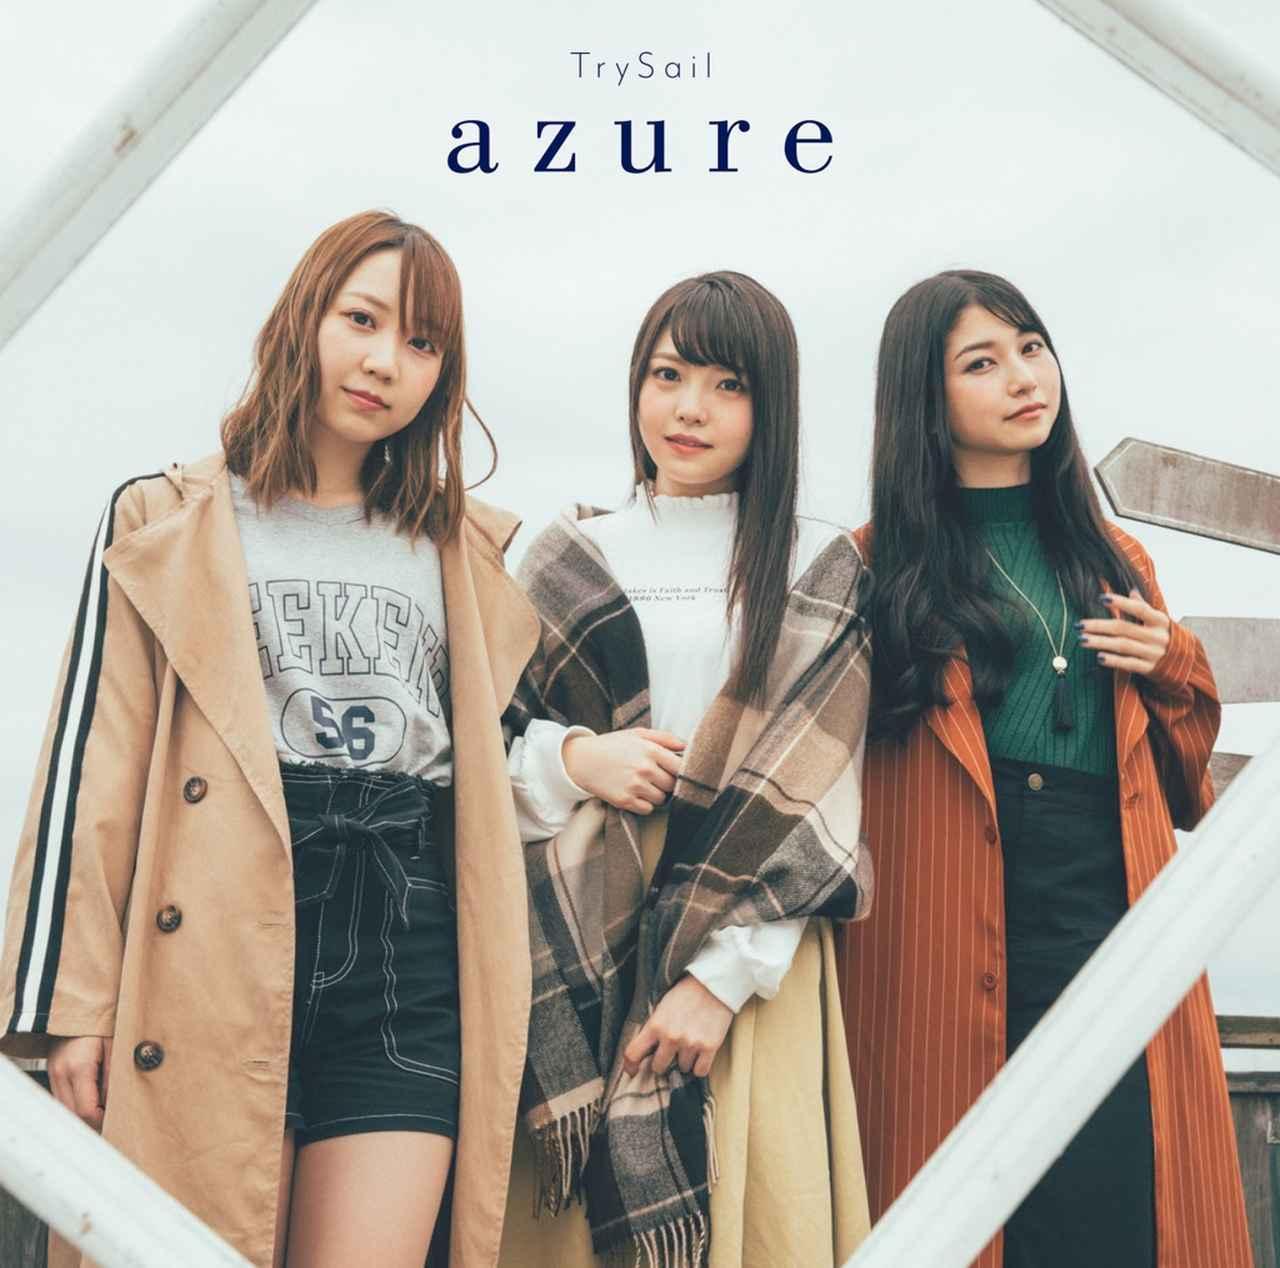 画像: azure / TrySail